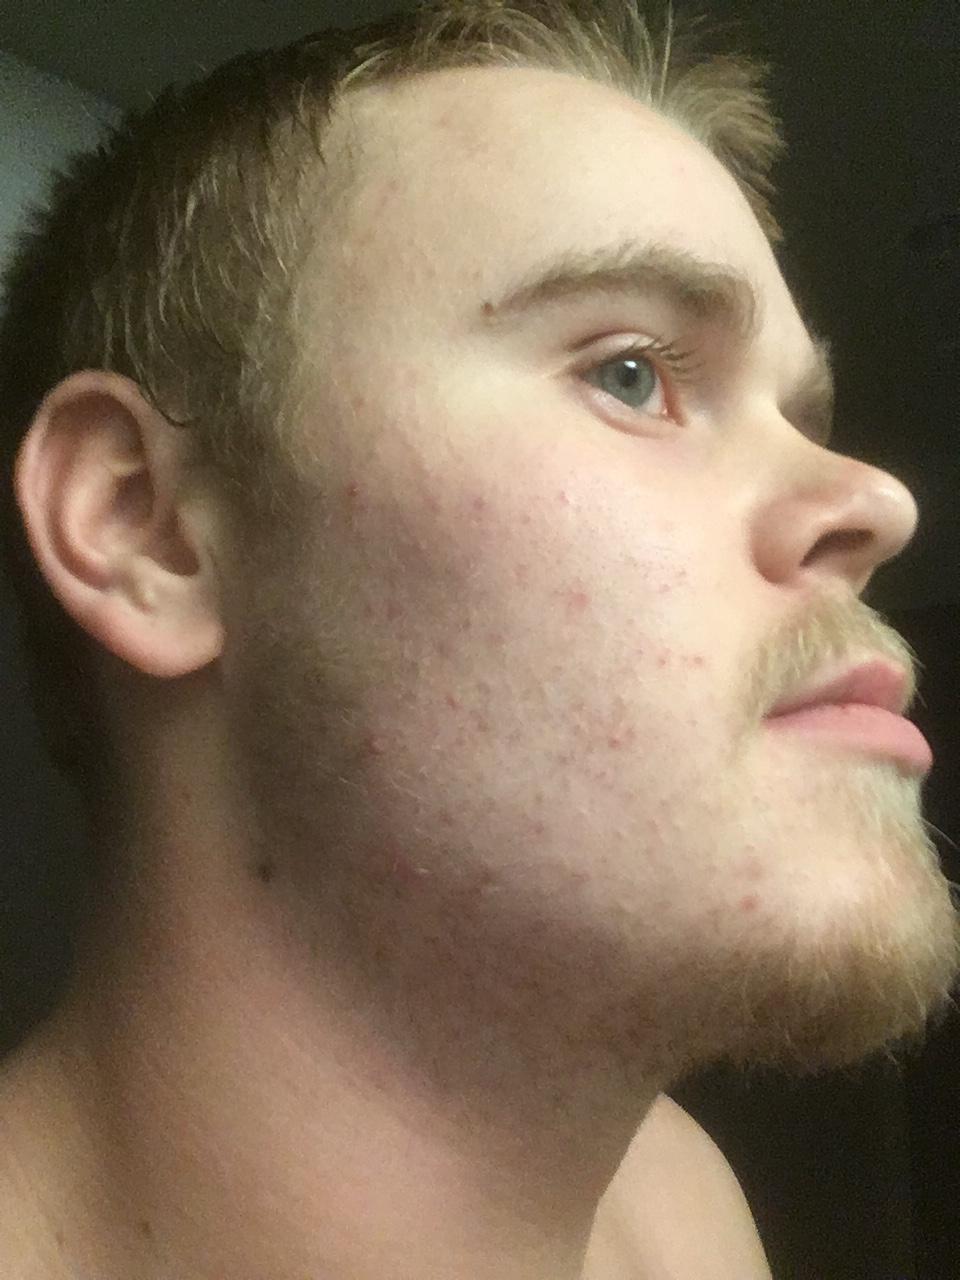 18 year old blonde beard - beard board